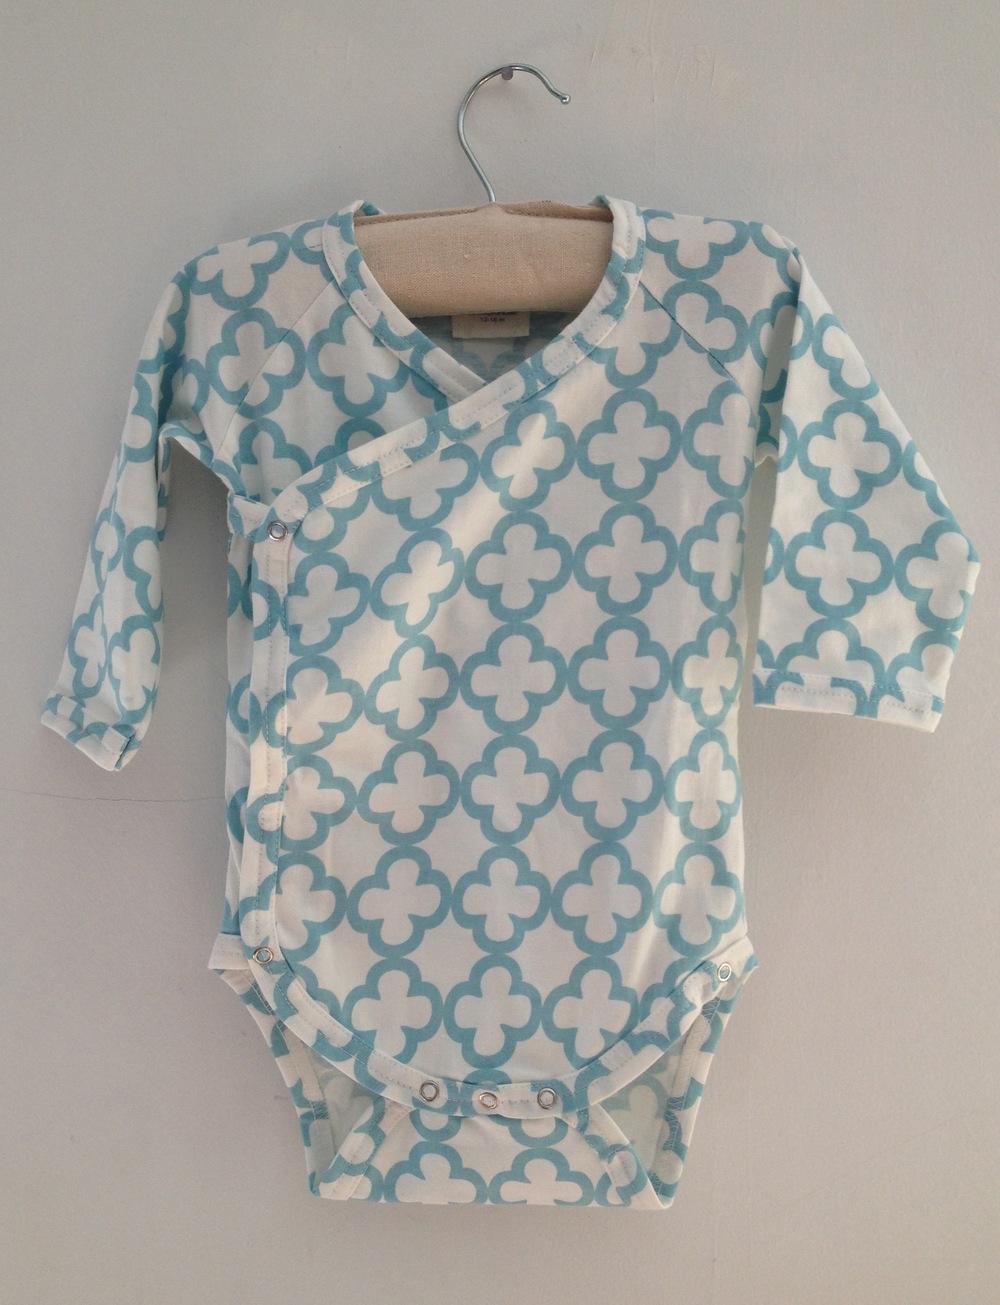 Kimono bodysuit, 100% organic cotton